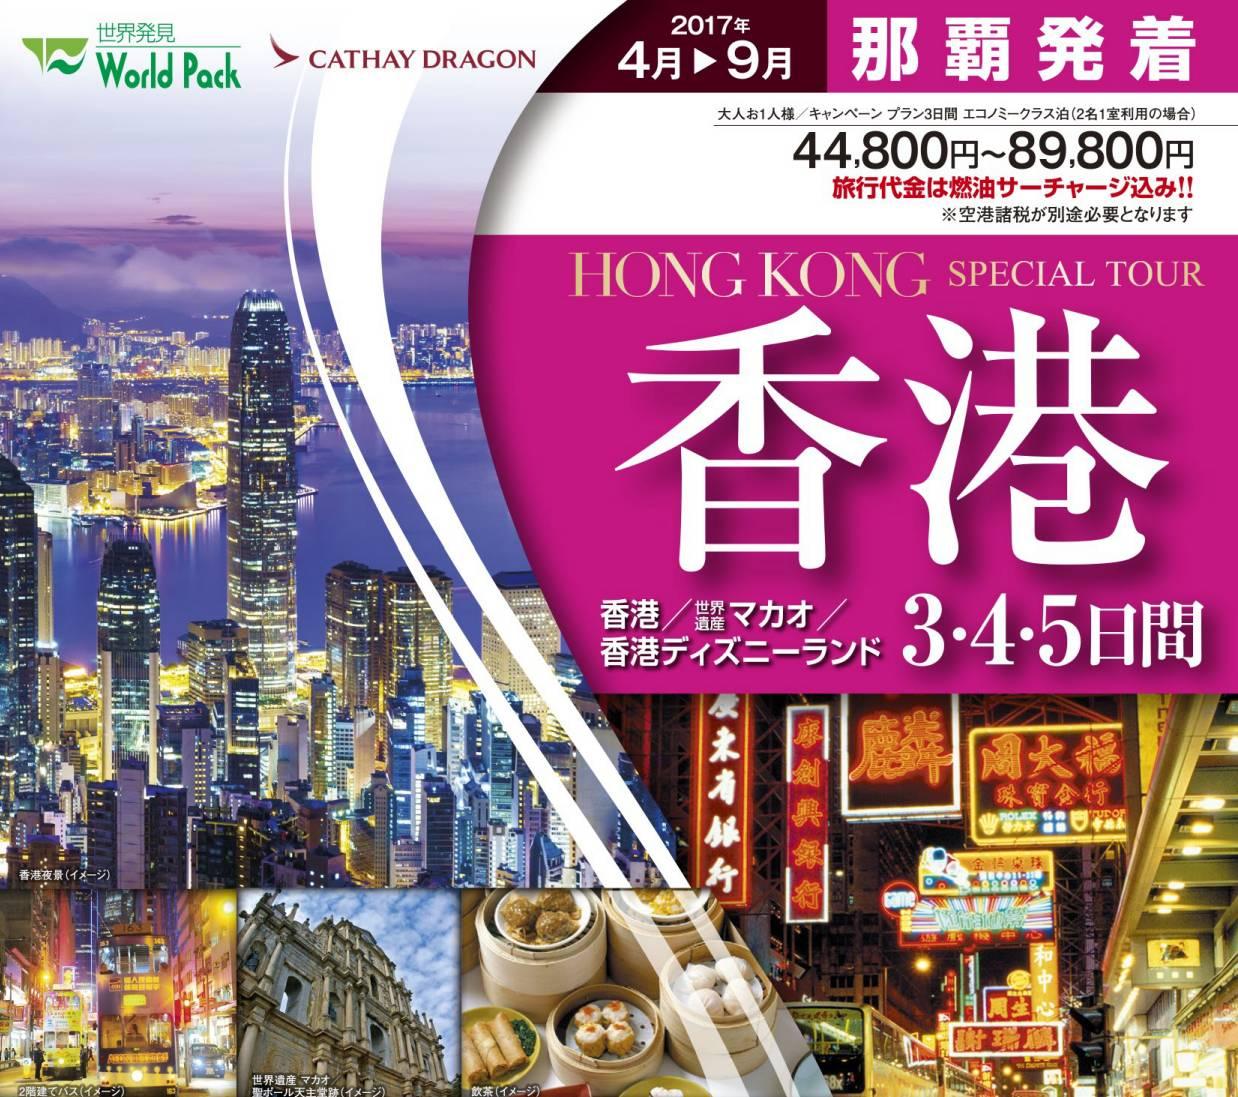 香港 3・4・5日間 17年4月~17年9月|那覇発 香港ツアー